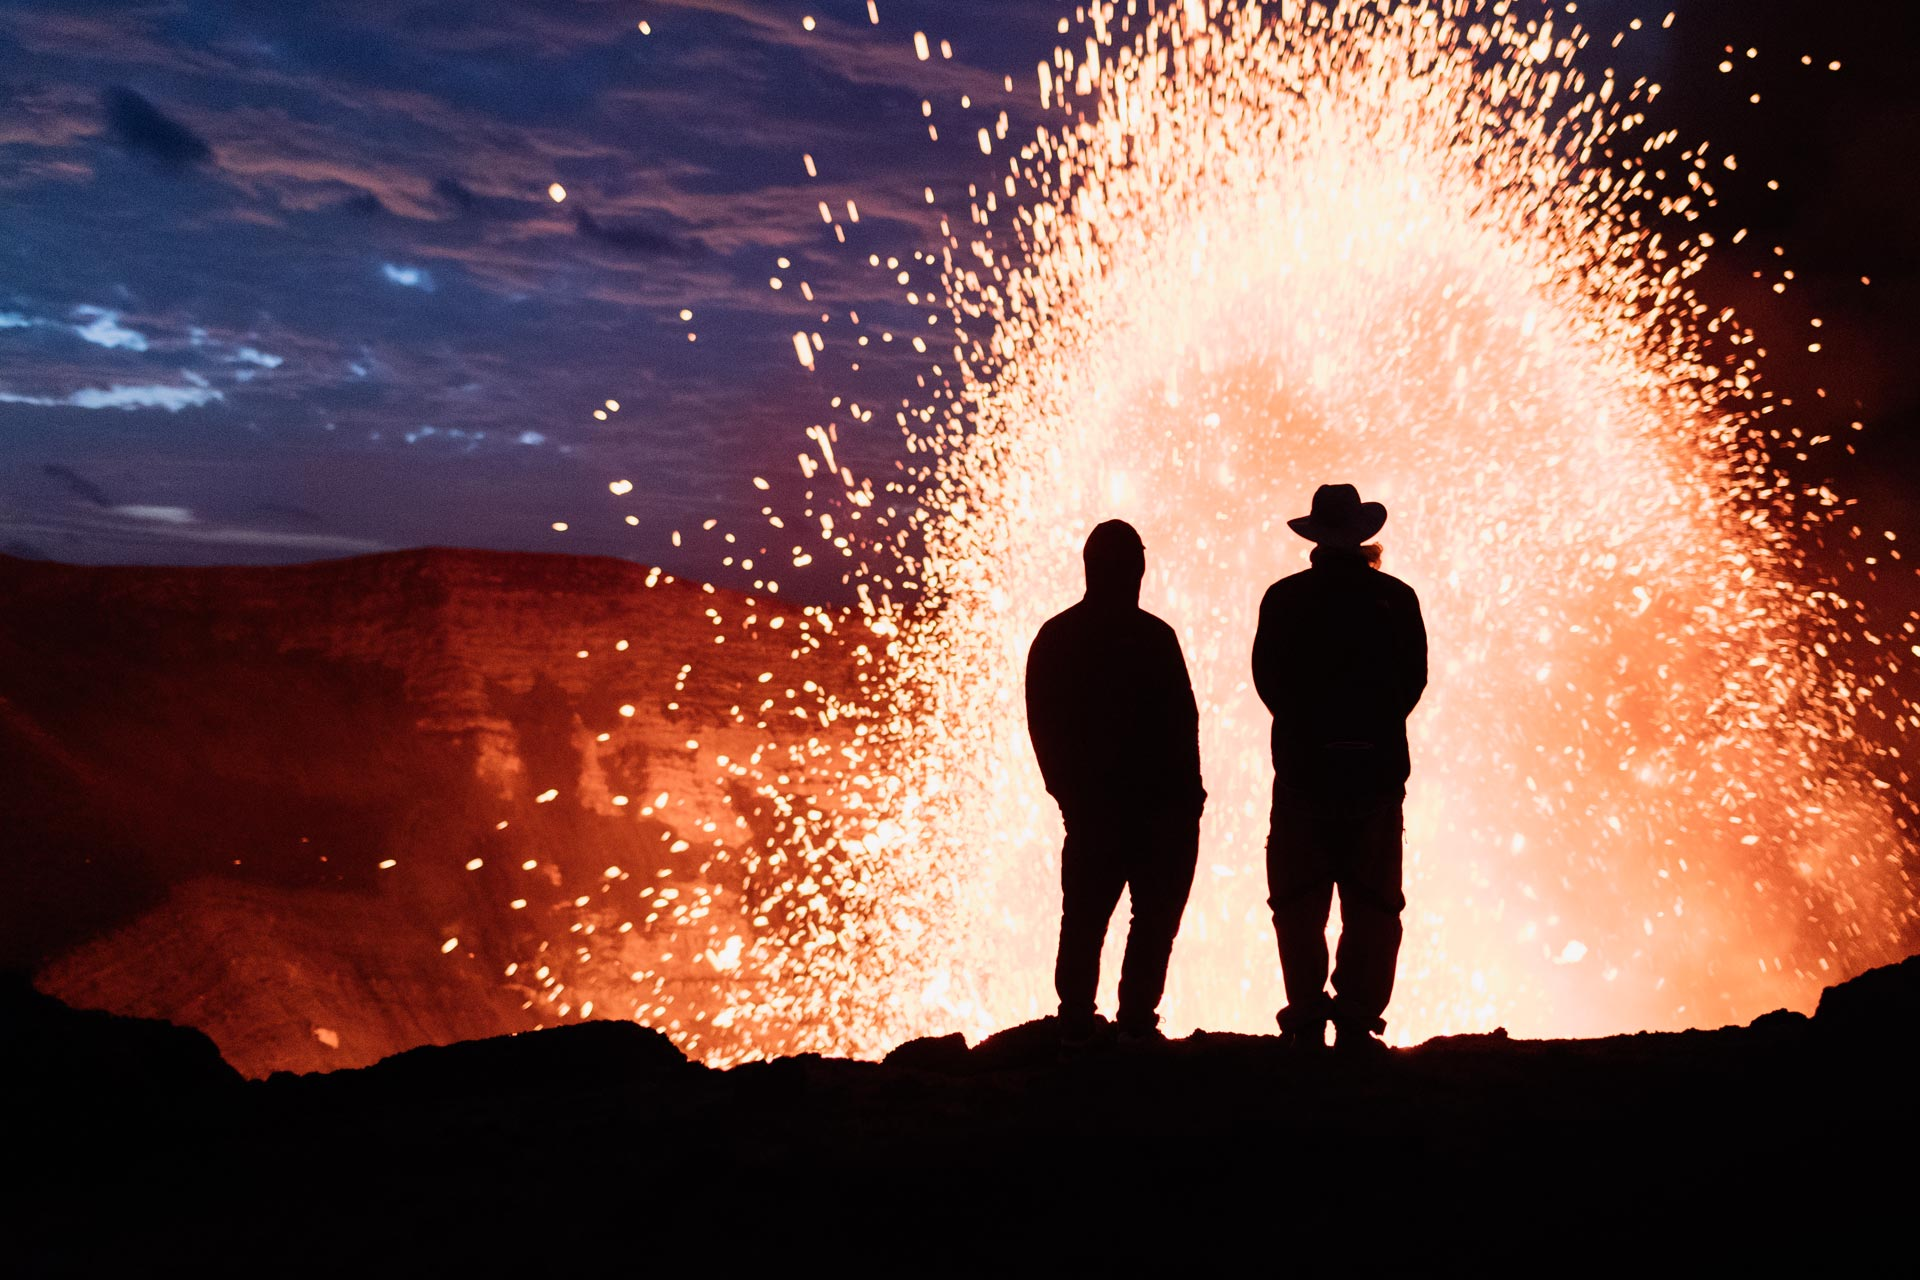 Skifahren am Rande eines Vulkans – Video und Fotogalerie mit Sam Smoothy